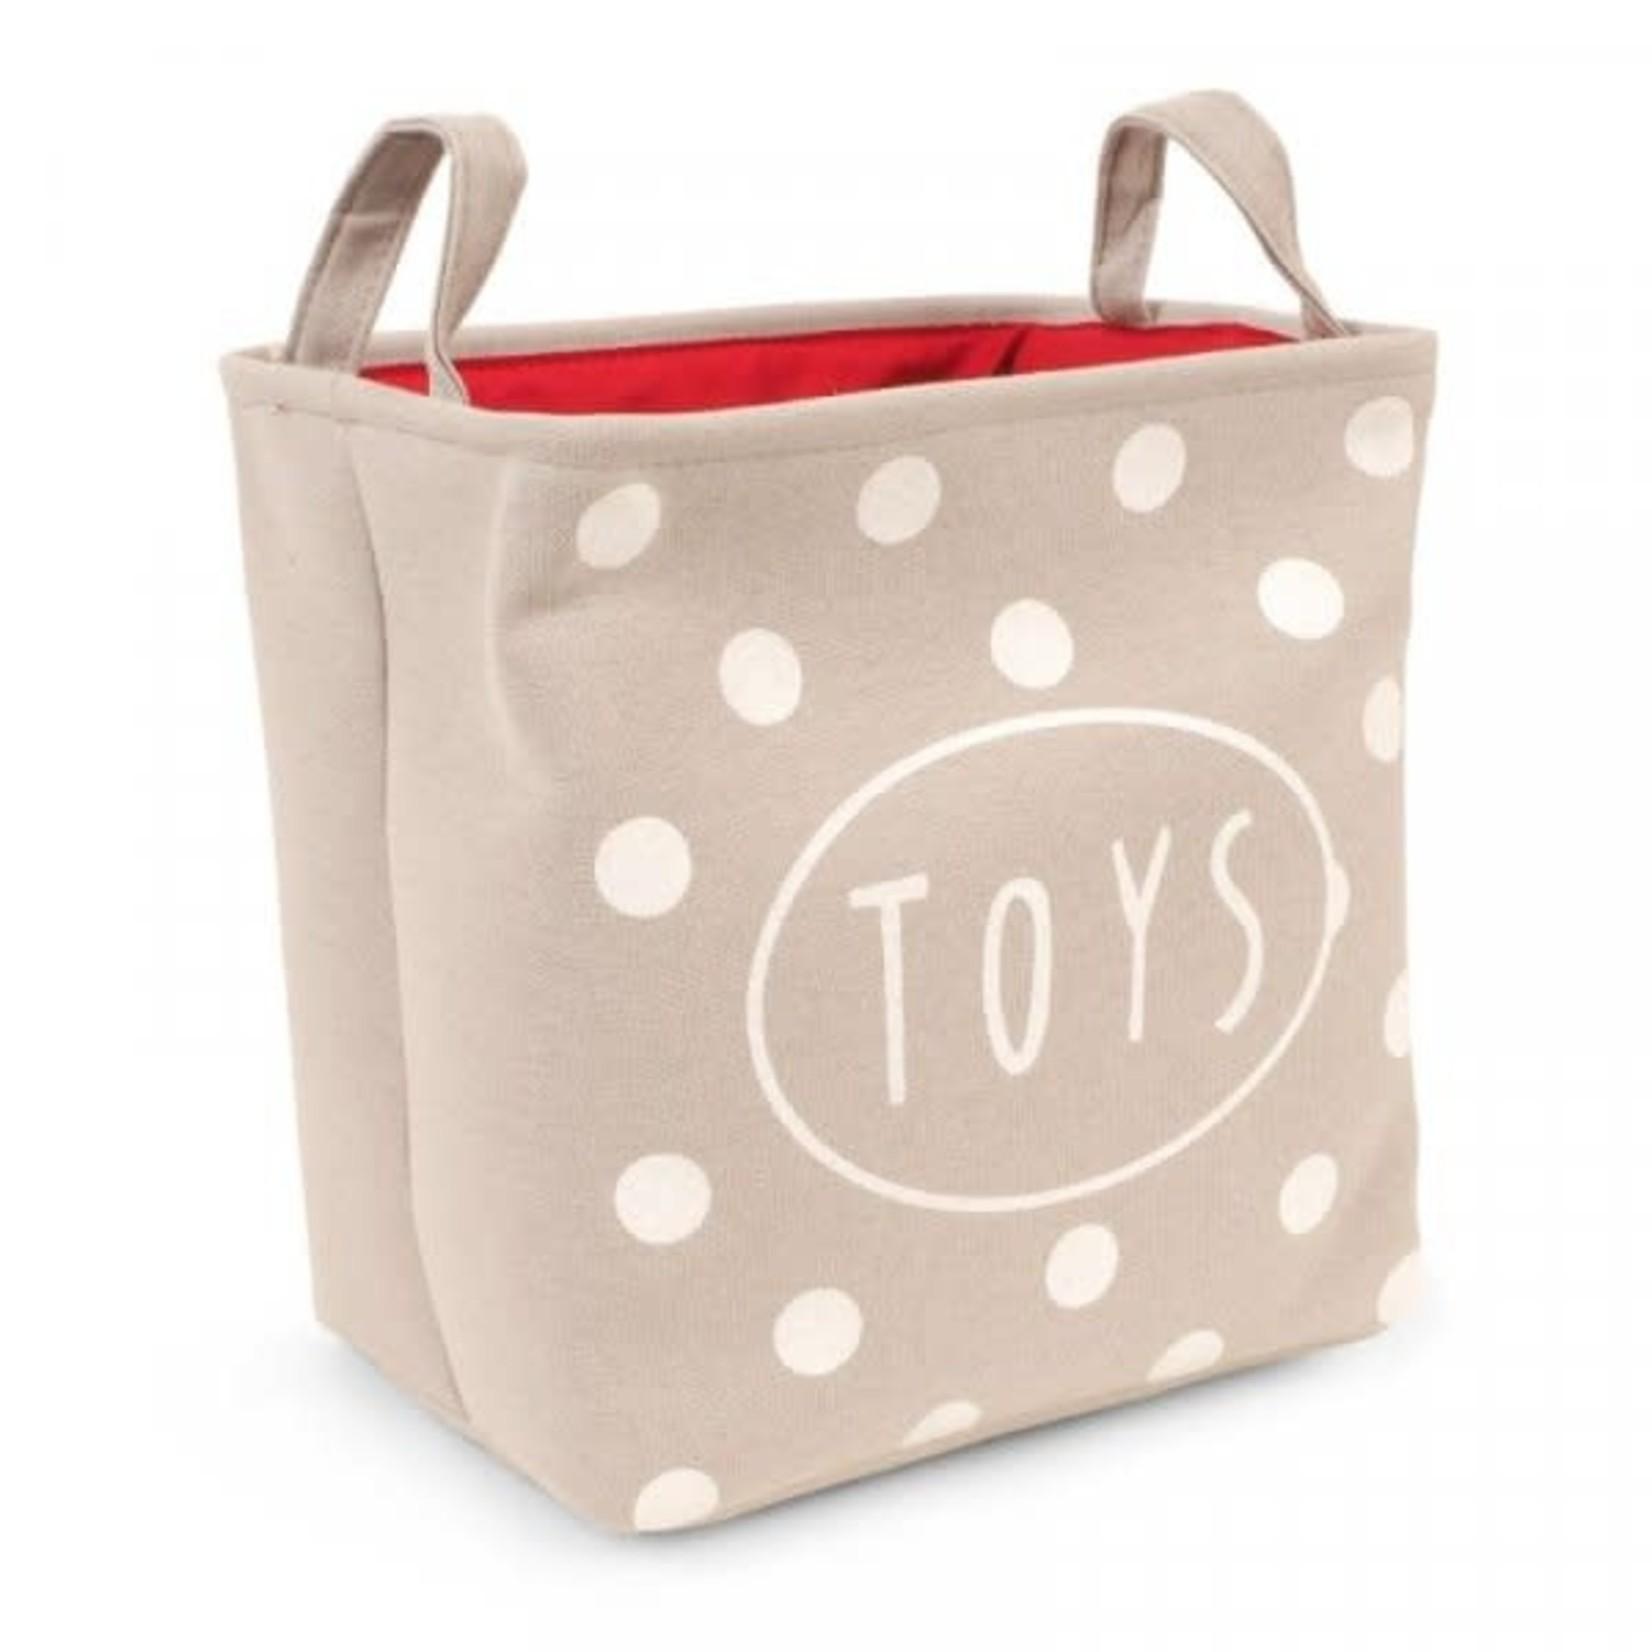 Zöon Canvas Toy Tidy, Polka Dots